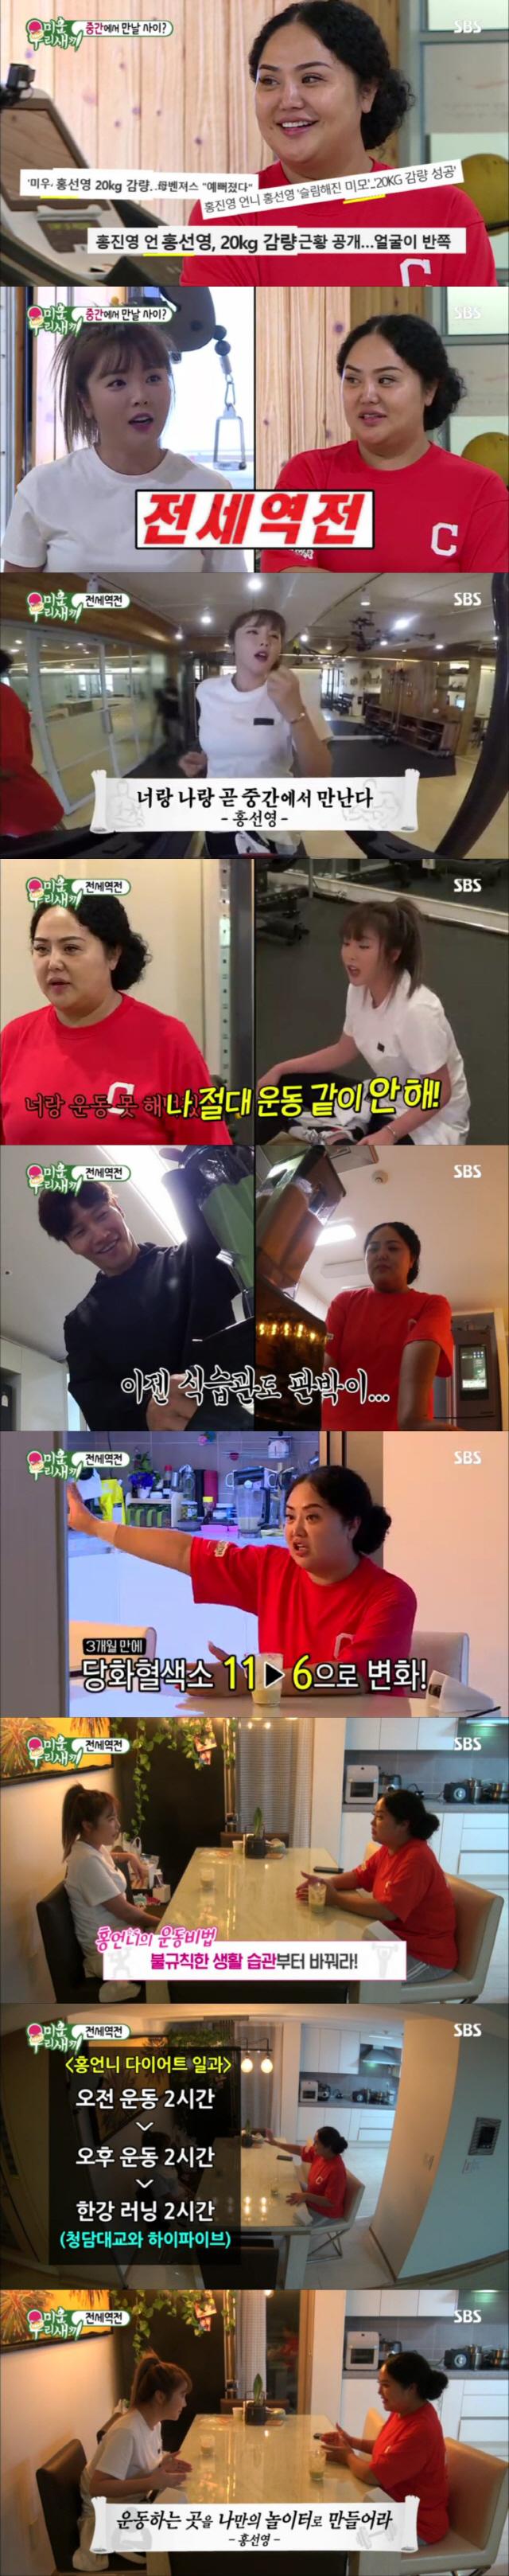 '미운 우리 새끼' 홍선영, 20kg 감량 다이어트 비법 공개 '최고의 1분'